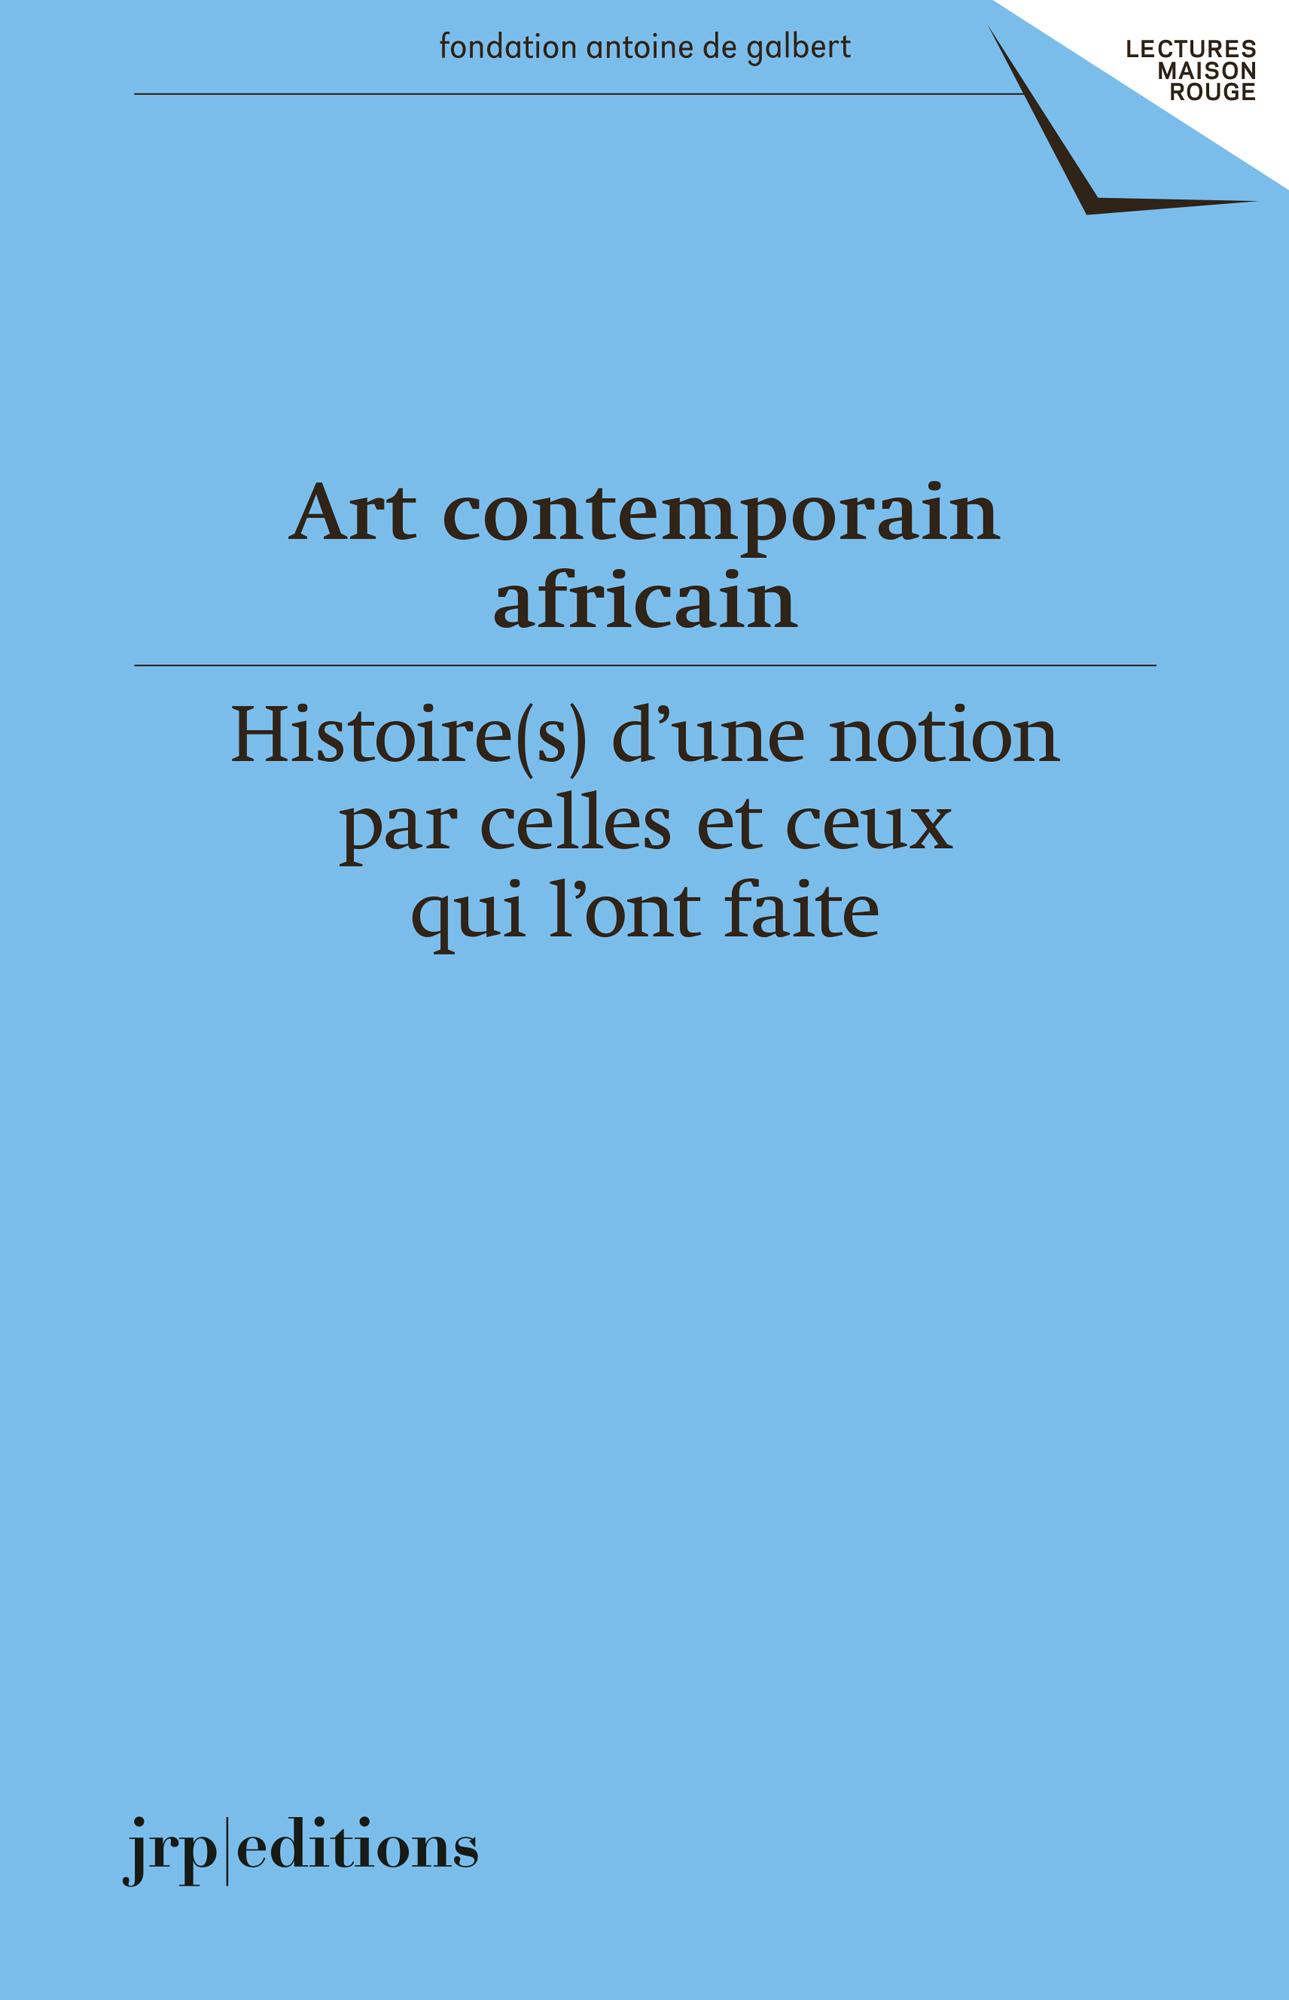 Art contemporain africain - Les presses du réel (livre)